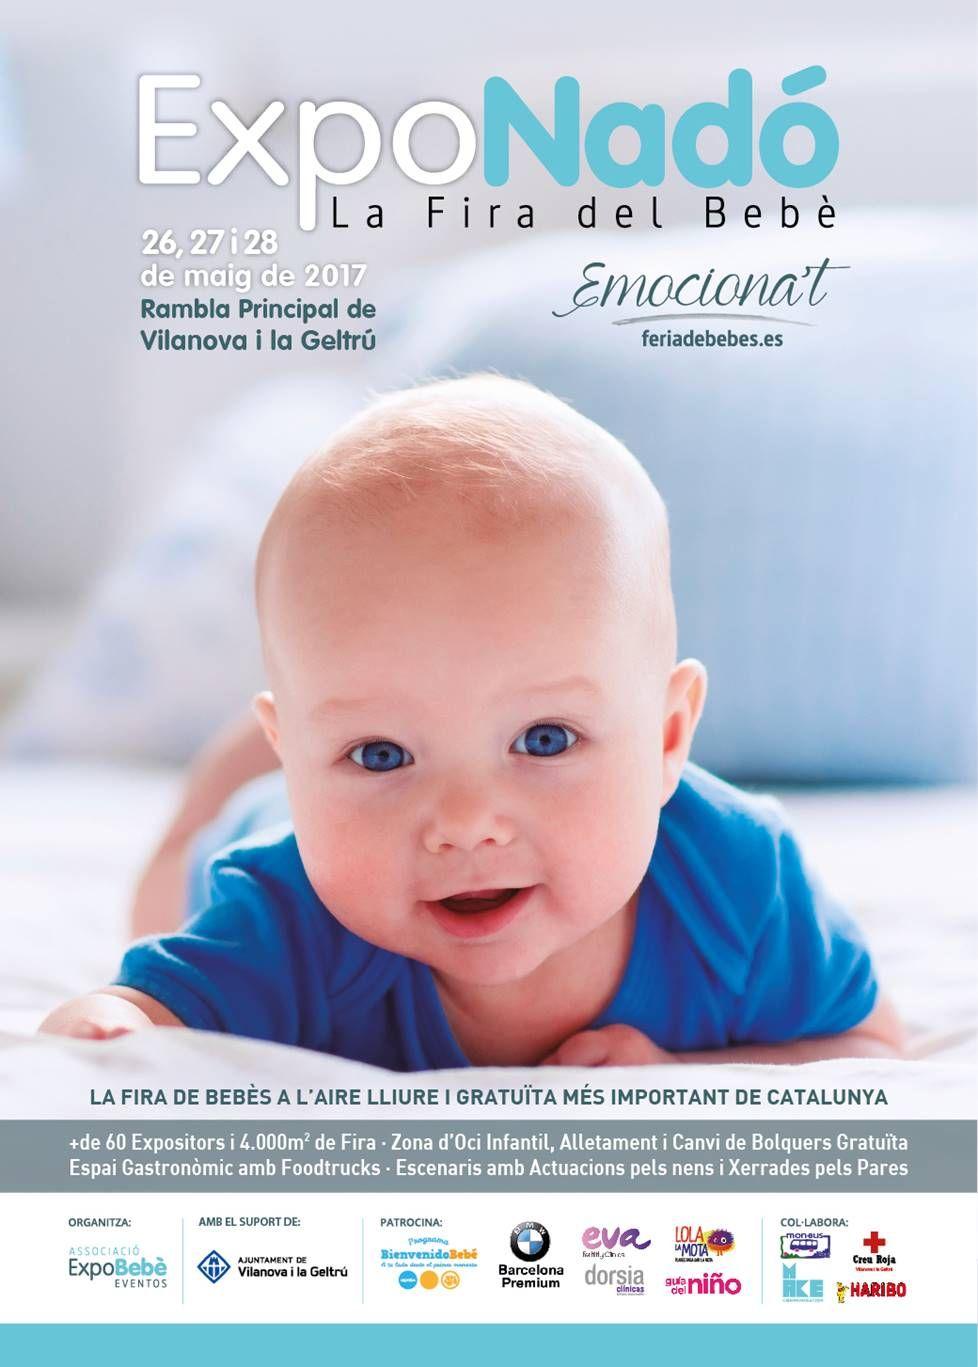 Fotografia ExpoNadó, la feria de bebés al aire libre más